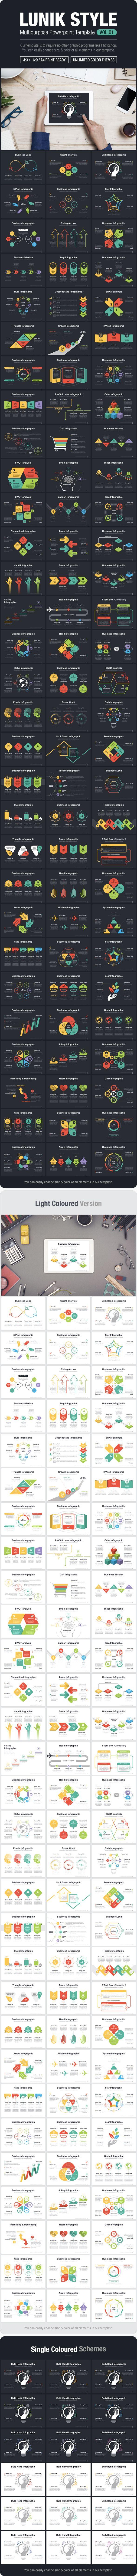 Multipurpose Powerpoint Template | Infografiken, Visualisierung und ...